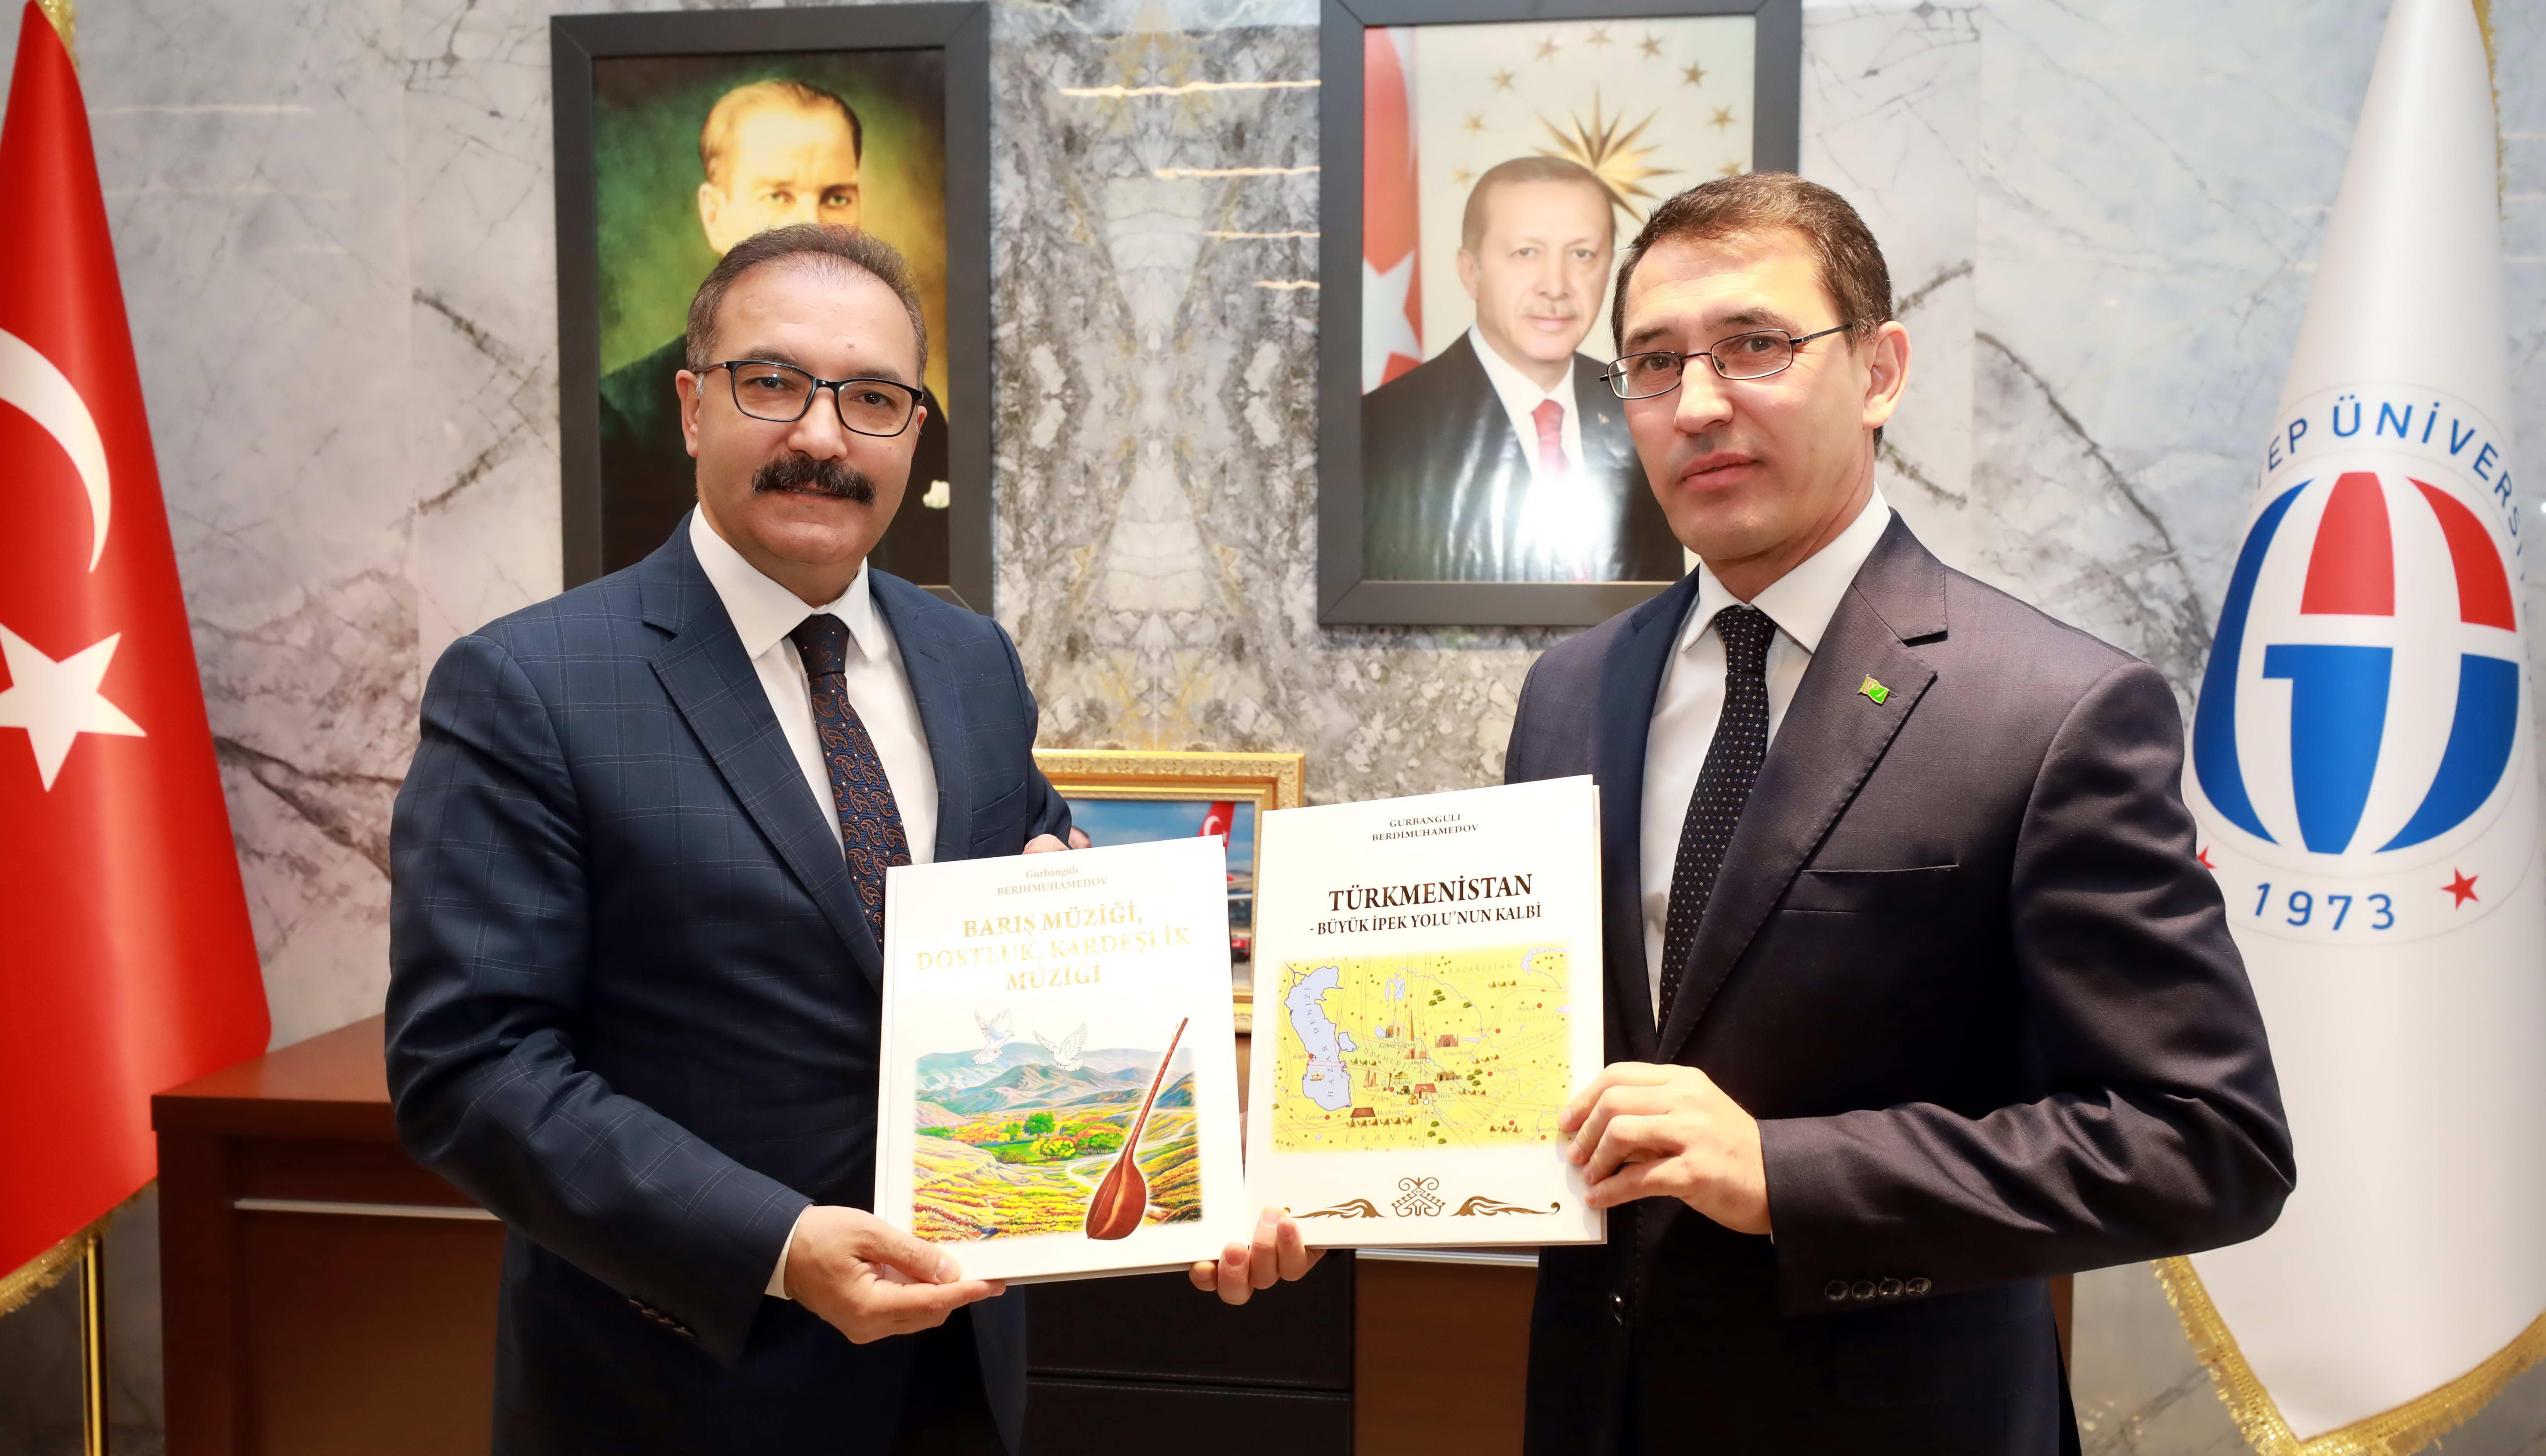 Büyükelçi Amanlıyev'den Rektör Gür'e ziyaret-1